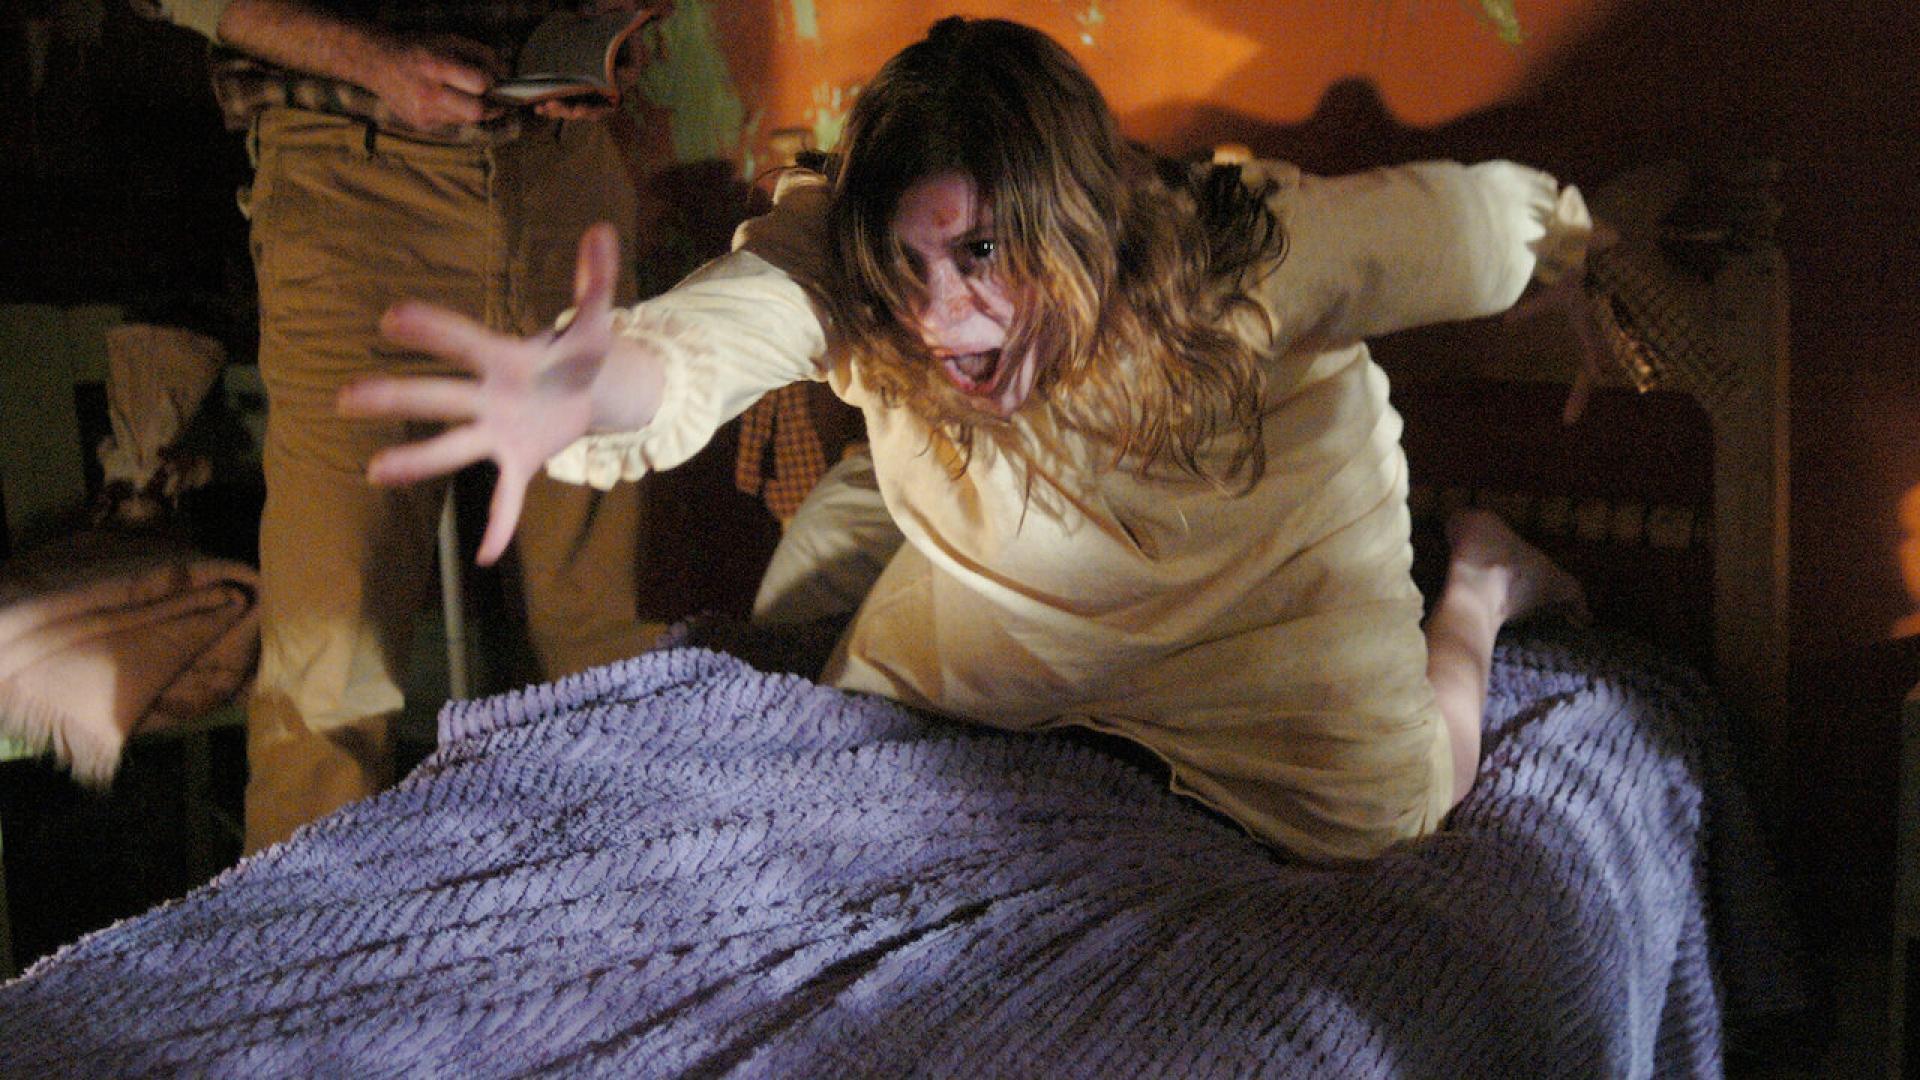 kulissza_the_exorcism_of_emily_rose_5_kep